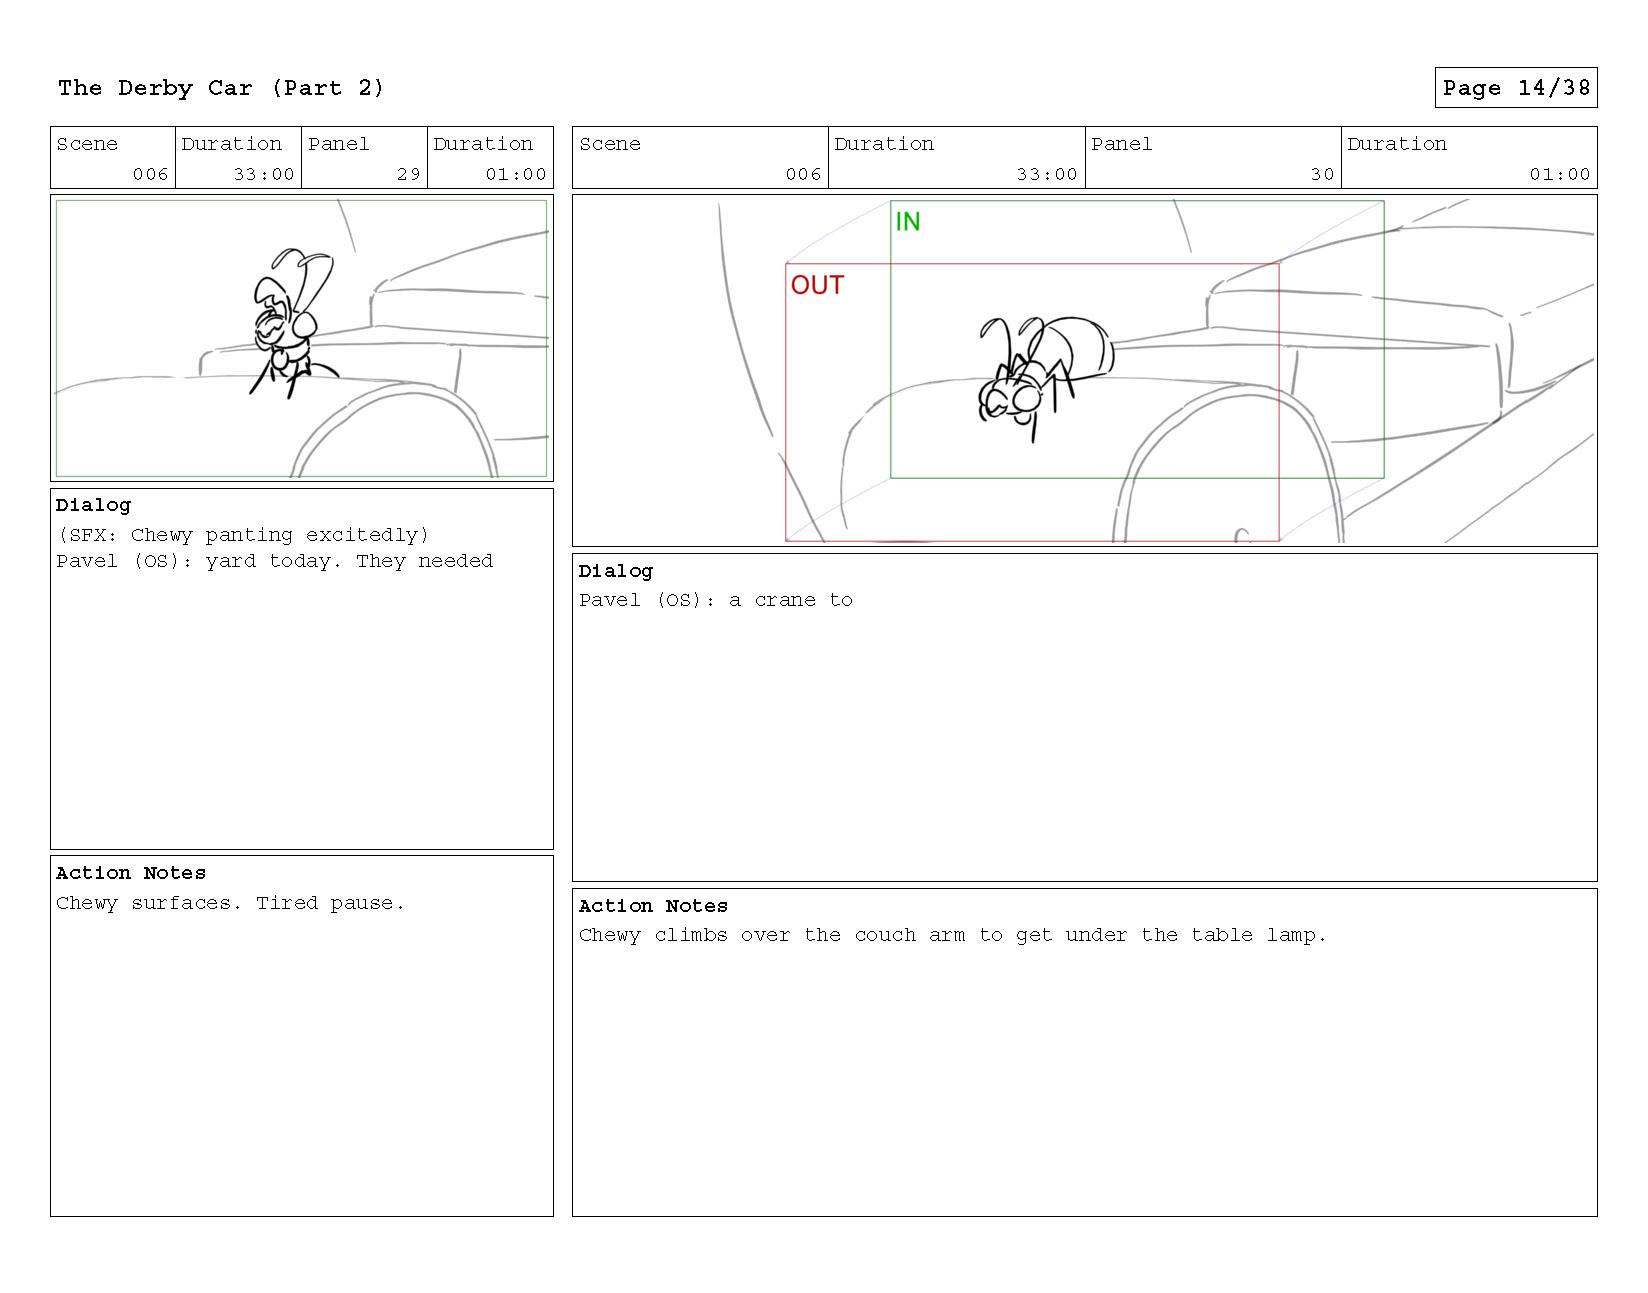 thelfer_derbycar2_Page_15.jpg